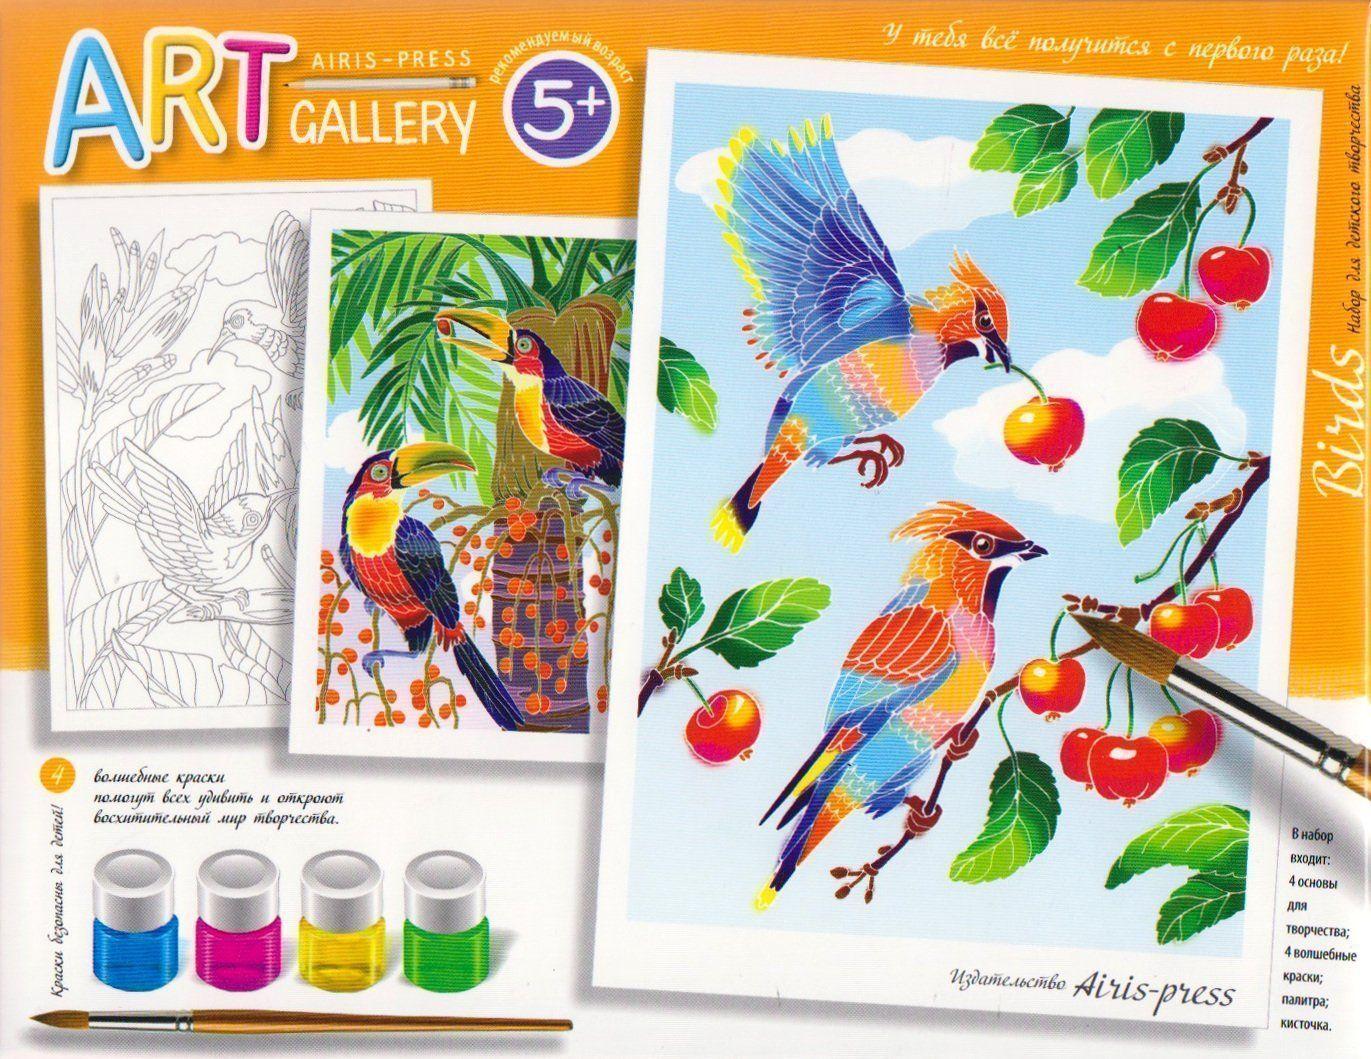 Незатекаемые контуры. Набор для творчества ПтицыРисование<br>Art gallery набор с красками - уникальный набор для творчества, с помощью которого получится создать действительно красивые картины загадочных котиков. Теперь абсолютно неважно, умеете ли вы рисовать.Основы для раскрашивания созданы по специальной техно...<br><br>Год: 2018<br>ISBN: 978-5-8112-5850-5<br>Высота: 180<br>Ширина: 245<br>Толщина: 22